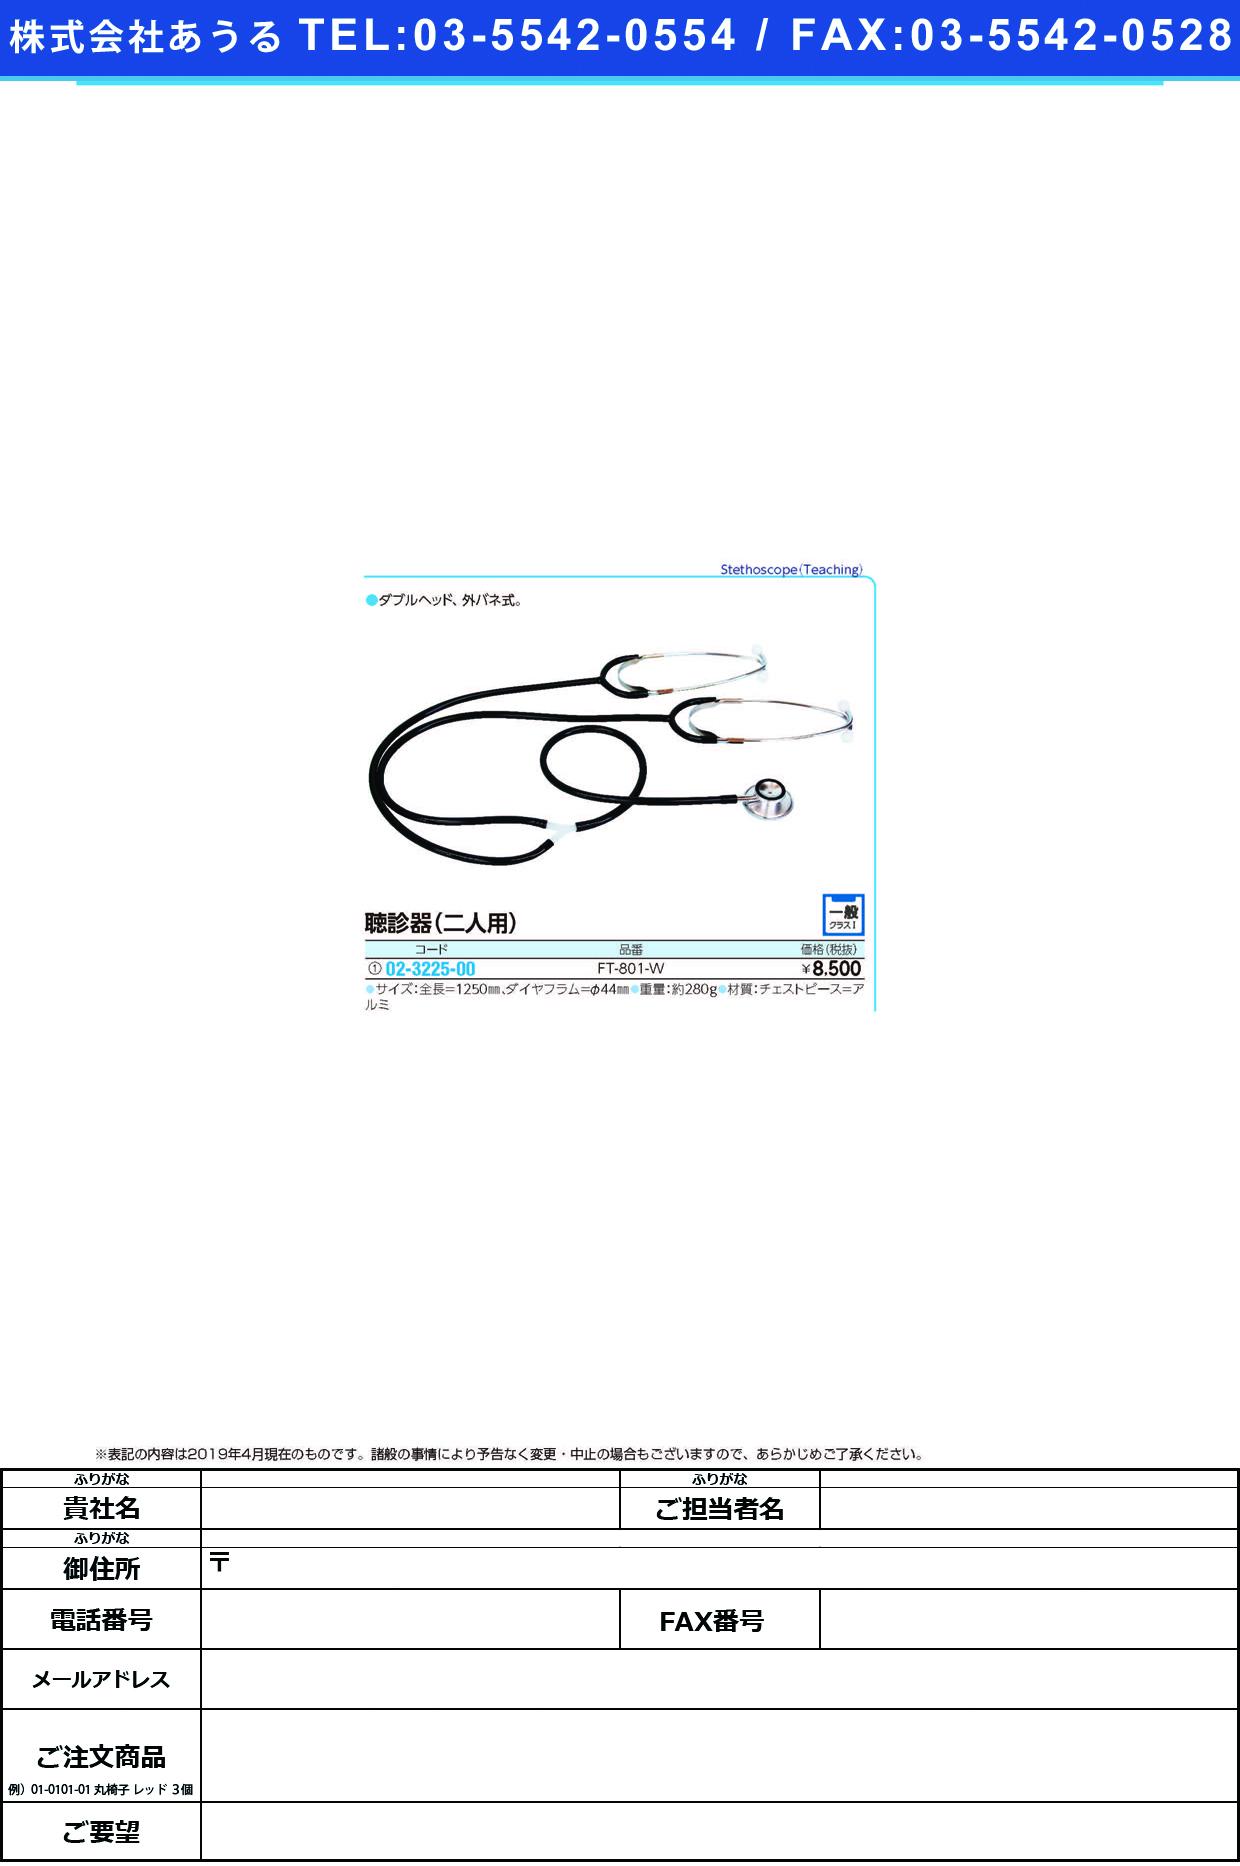 (02-3225-00)聴診器(二人用) FT-801-W(MY-2052) チョウシンキ(2ニンヨウ)【1組単位】【2019年カタログ商品】